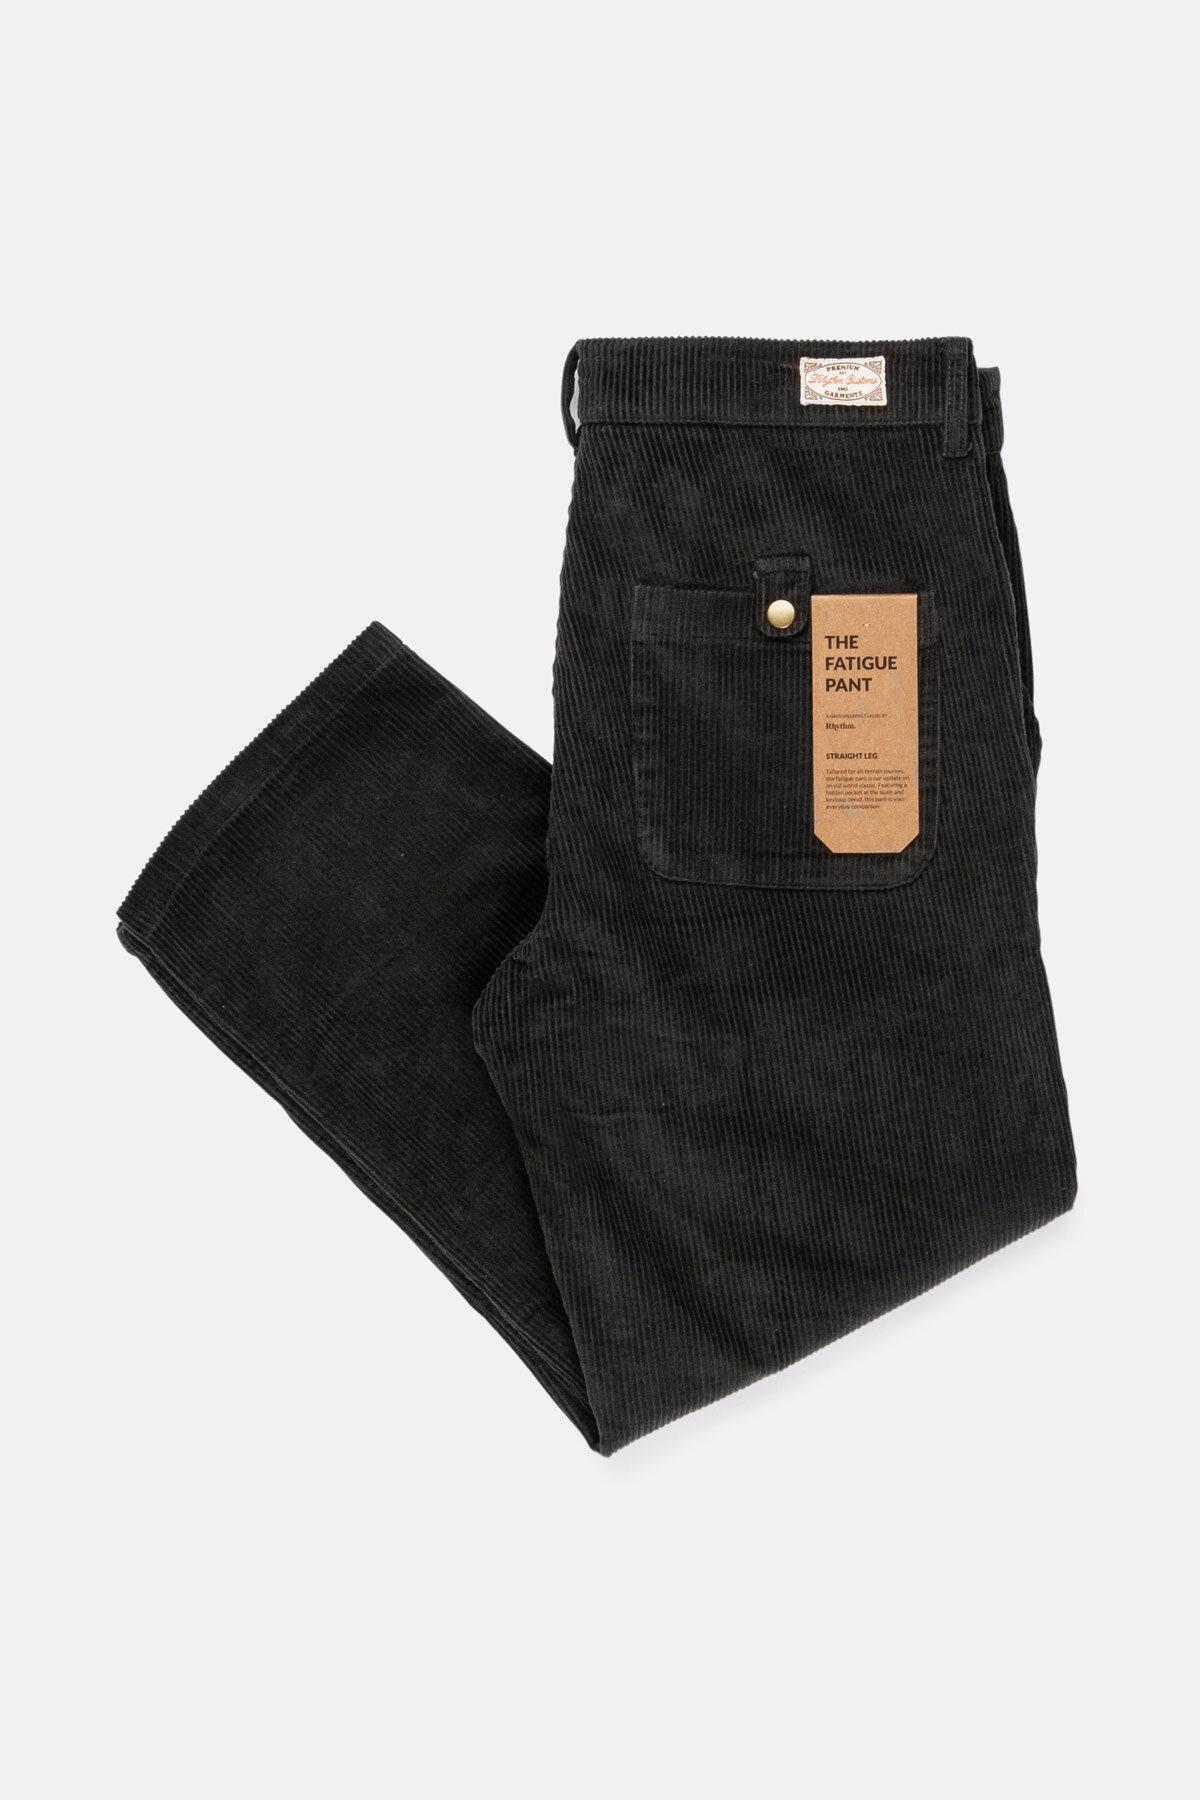 Corduroy Fatigue Pant Charcoal $89.99